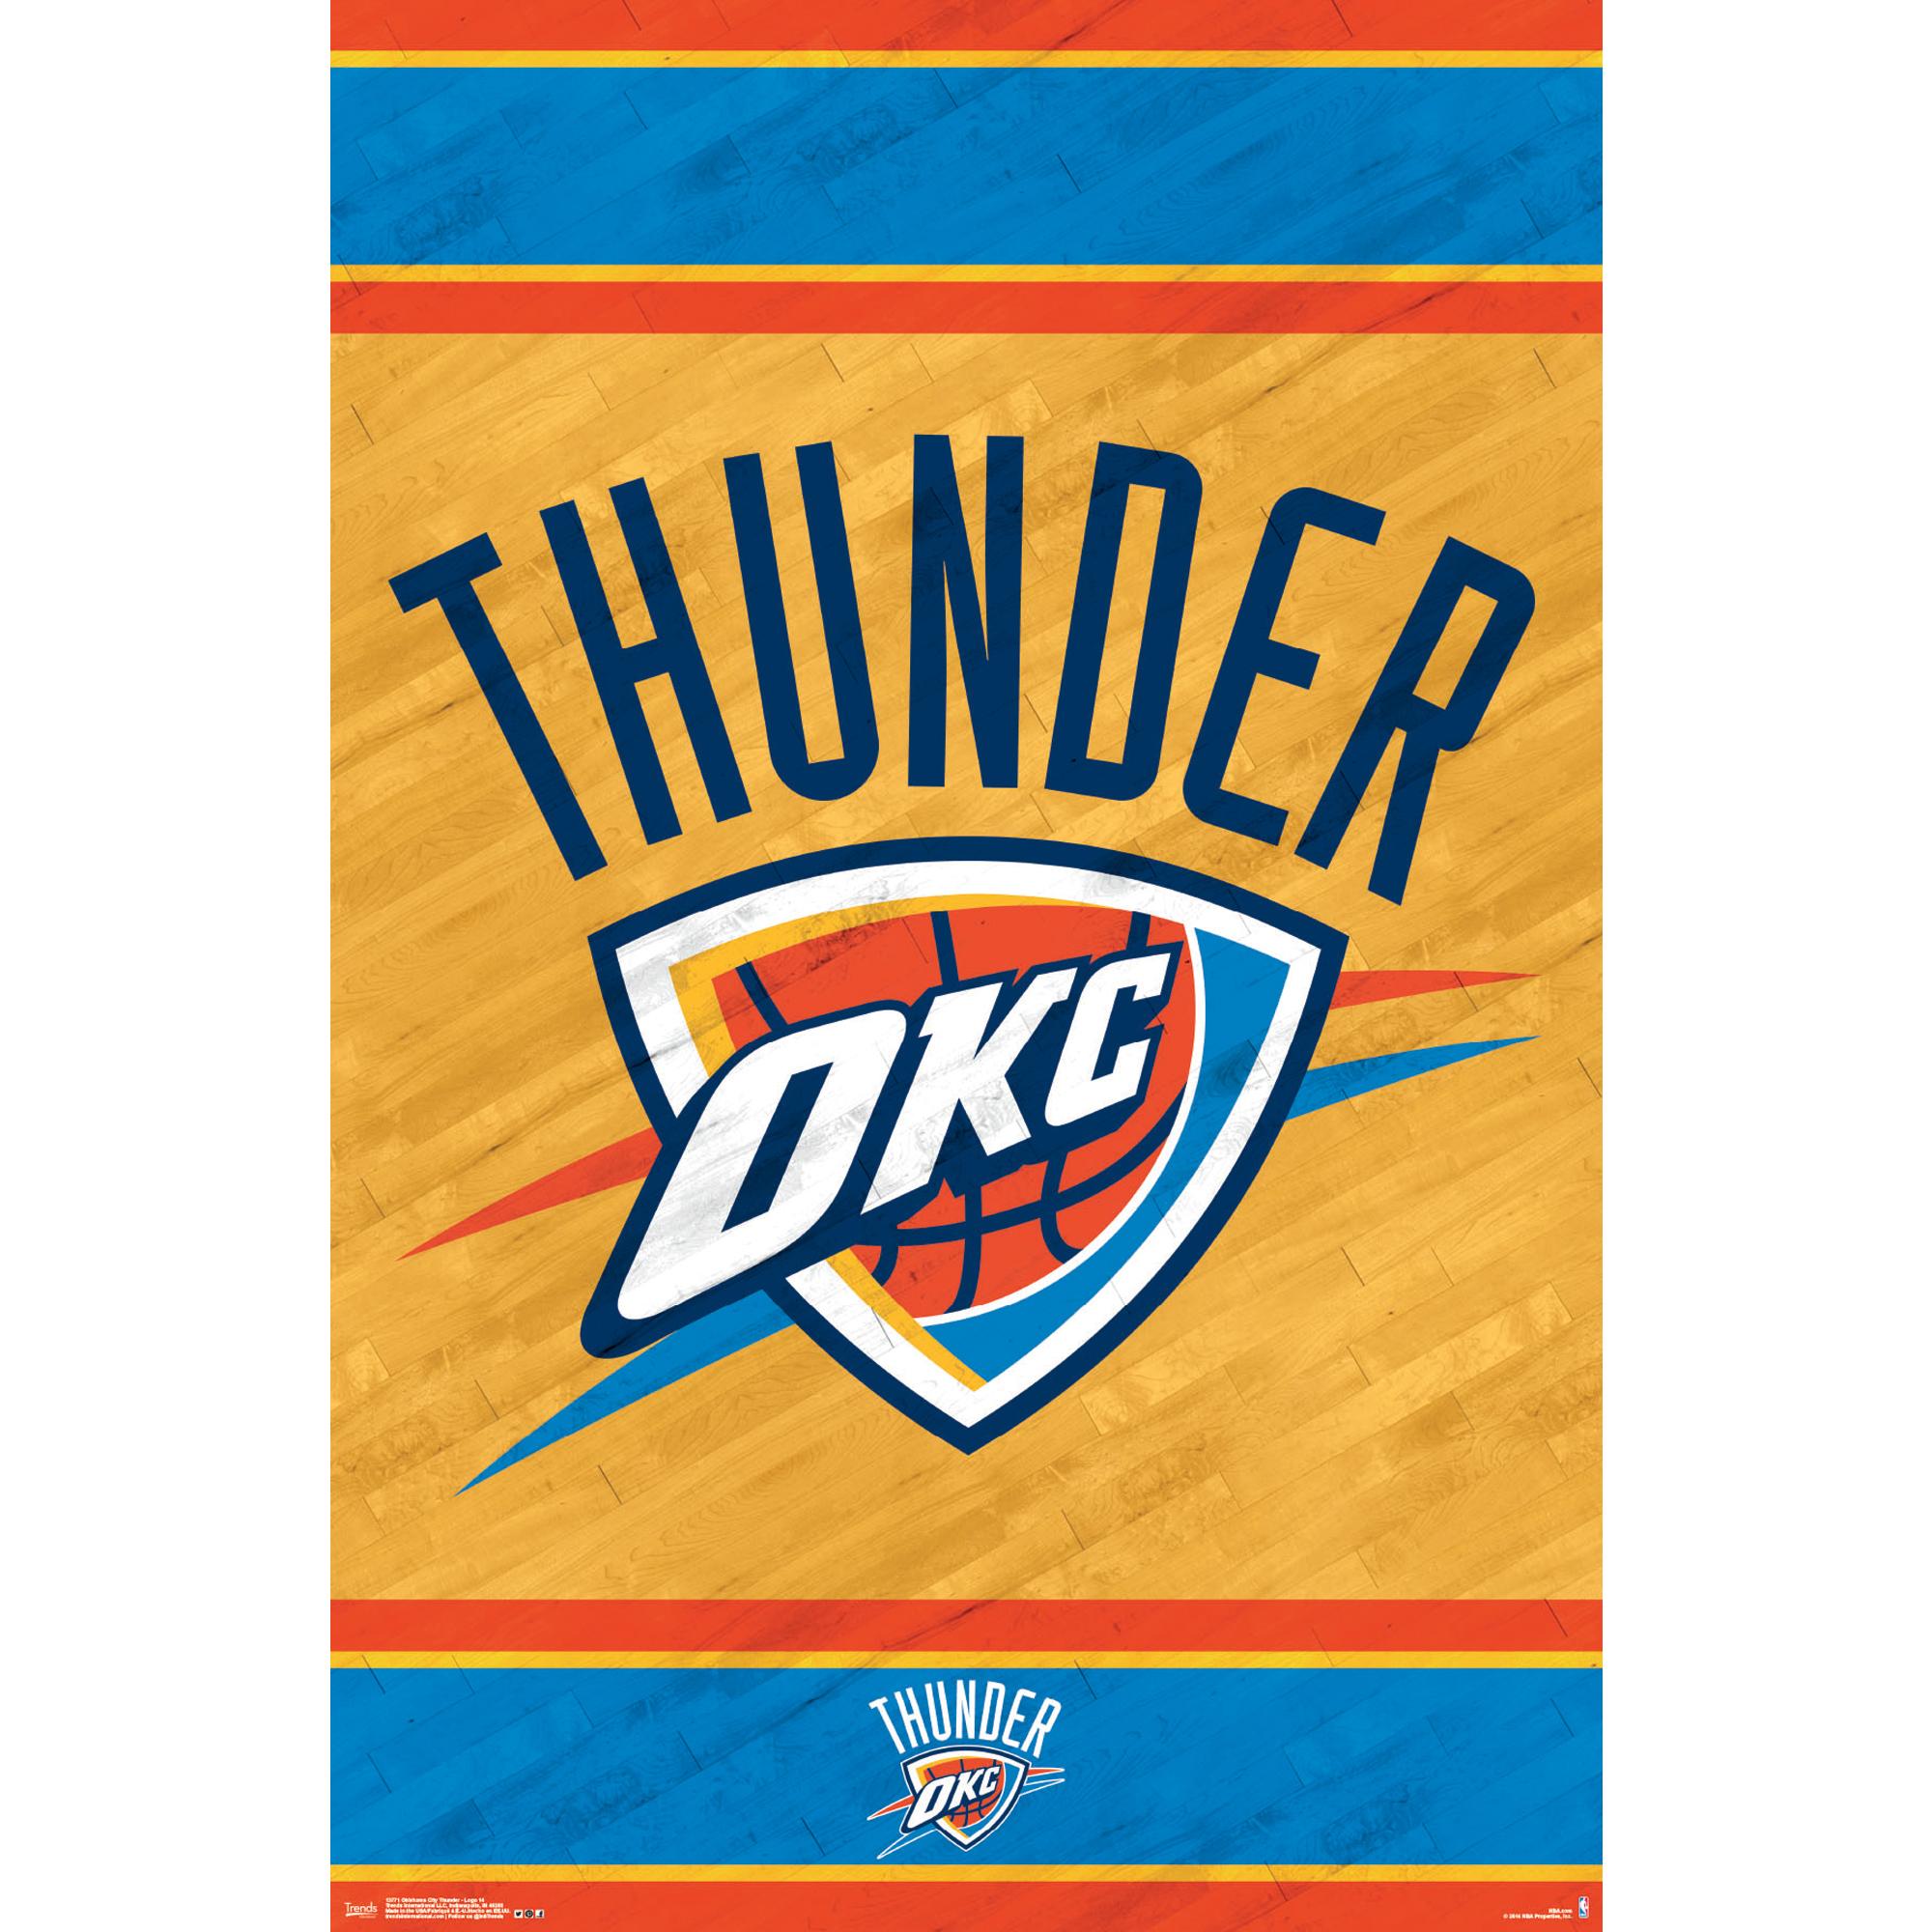 Oklahoma City Thunder 22'' x 34'' Logo Poster - No Size